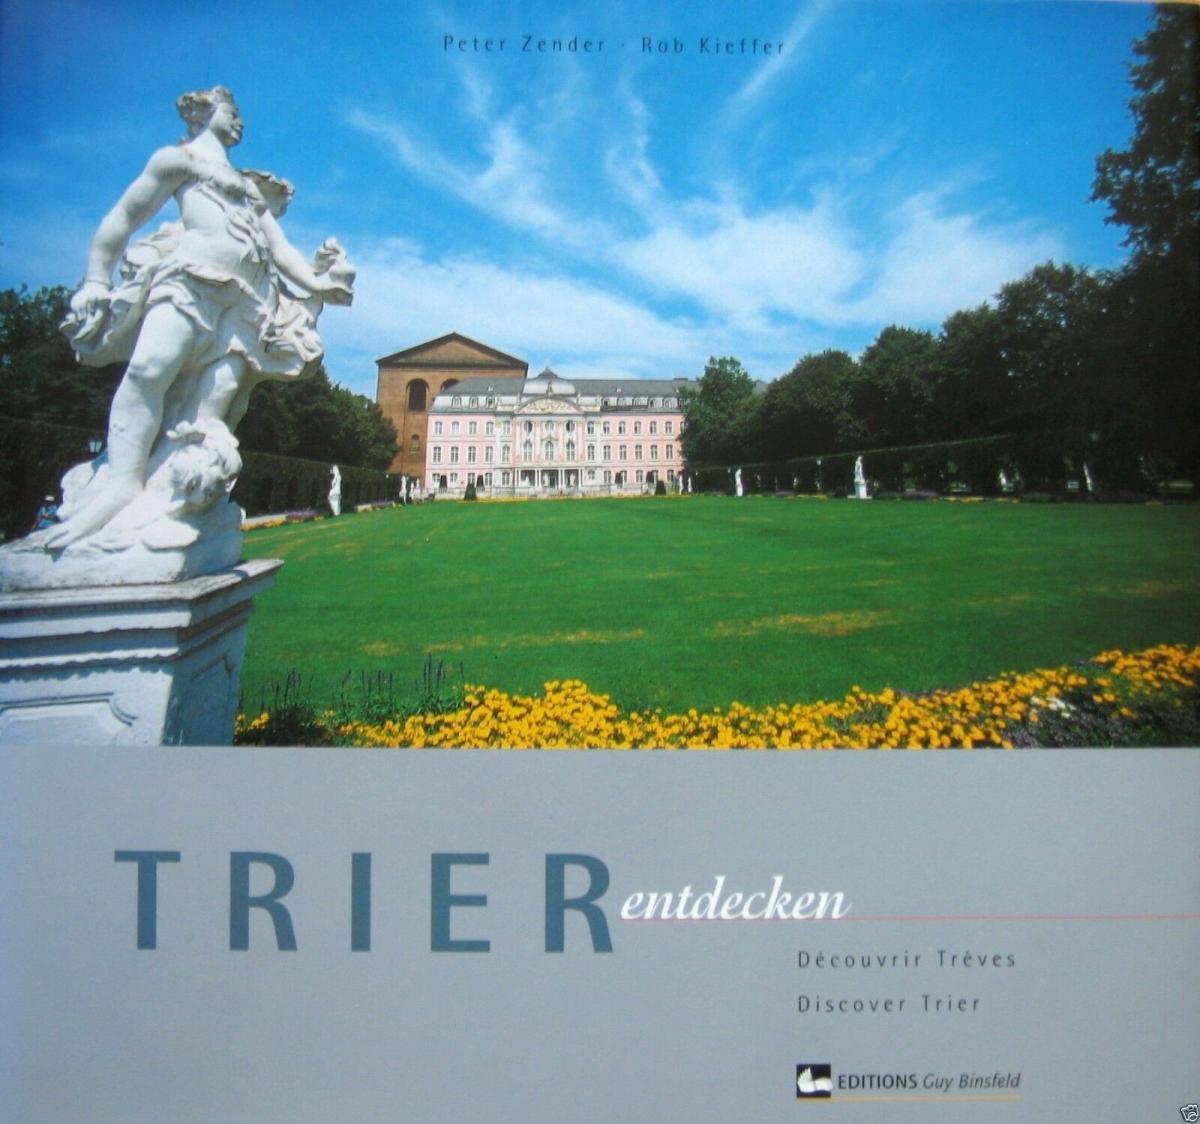 Zender, Peter; Kieffer, Rob; Trier entdecken, Bildband, 2002 und Beilage